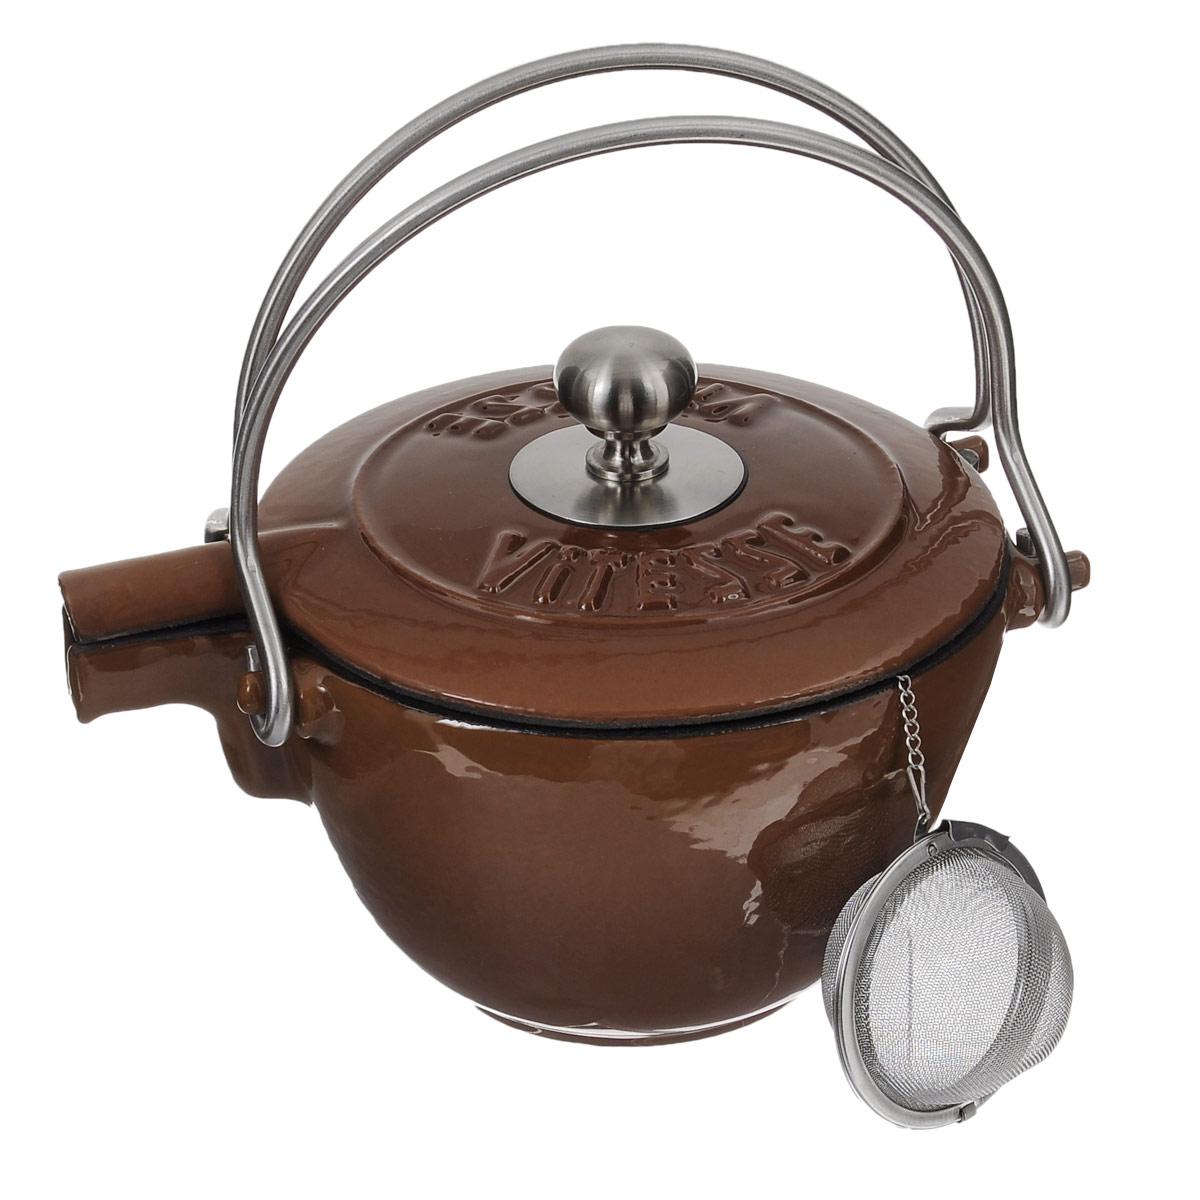 Чайник заварочный Vitesse Ferro, с ситечком, цвет: коричневый, 1,15 лVS-2329_коричневыйЗаварочный чайник Vitesse Ferro изготовлен из чугуна с эмалированной внутренней и внешней поверхностью. Эмалированный чугун - это железо, на которое наложено прочное стекловидное эмалевое покрытие. Такая посуда отлично подходит для приготовления традиционной здоровой пищи. Чугун является наилучшим материалом, который долго удерживает и равномерно распределяет тепло. Благодаря особым качествам эмали, чем дольше вы используете посуду, тем лучше становятся ее эксплуатационные характеристики. Чугун обладает высокой прочностью, износоустойчивостью и антикоррозийными свойствами. Чайник оснащен двумя металлическими ручками и крышкой. Металлическое ситечко на цепочке с крючком - в комплекте. Можно готовить на газовых, электрических, стеклокерамических, галогенных, индукционных плитах. Подходит для мытья в посудомоечной машине. Высота чайника (без учета ручки и крышки): 10,5 см. Диаметр чайника (по верхнему краю): 15,5 см. Диаметр ситечка: 6 см....